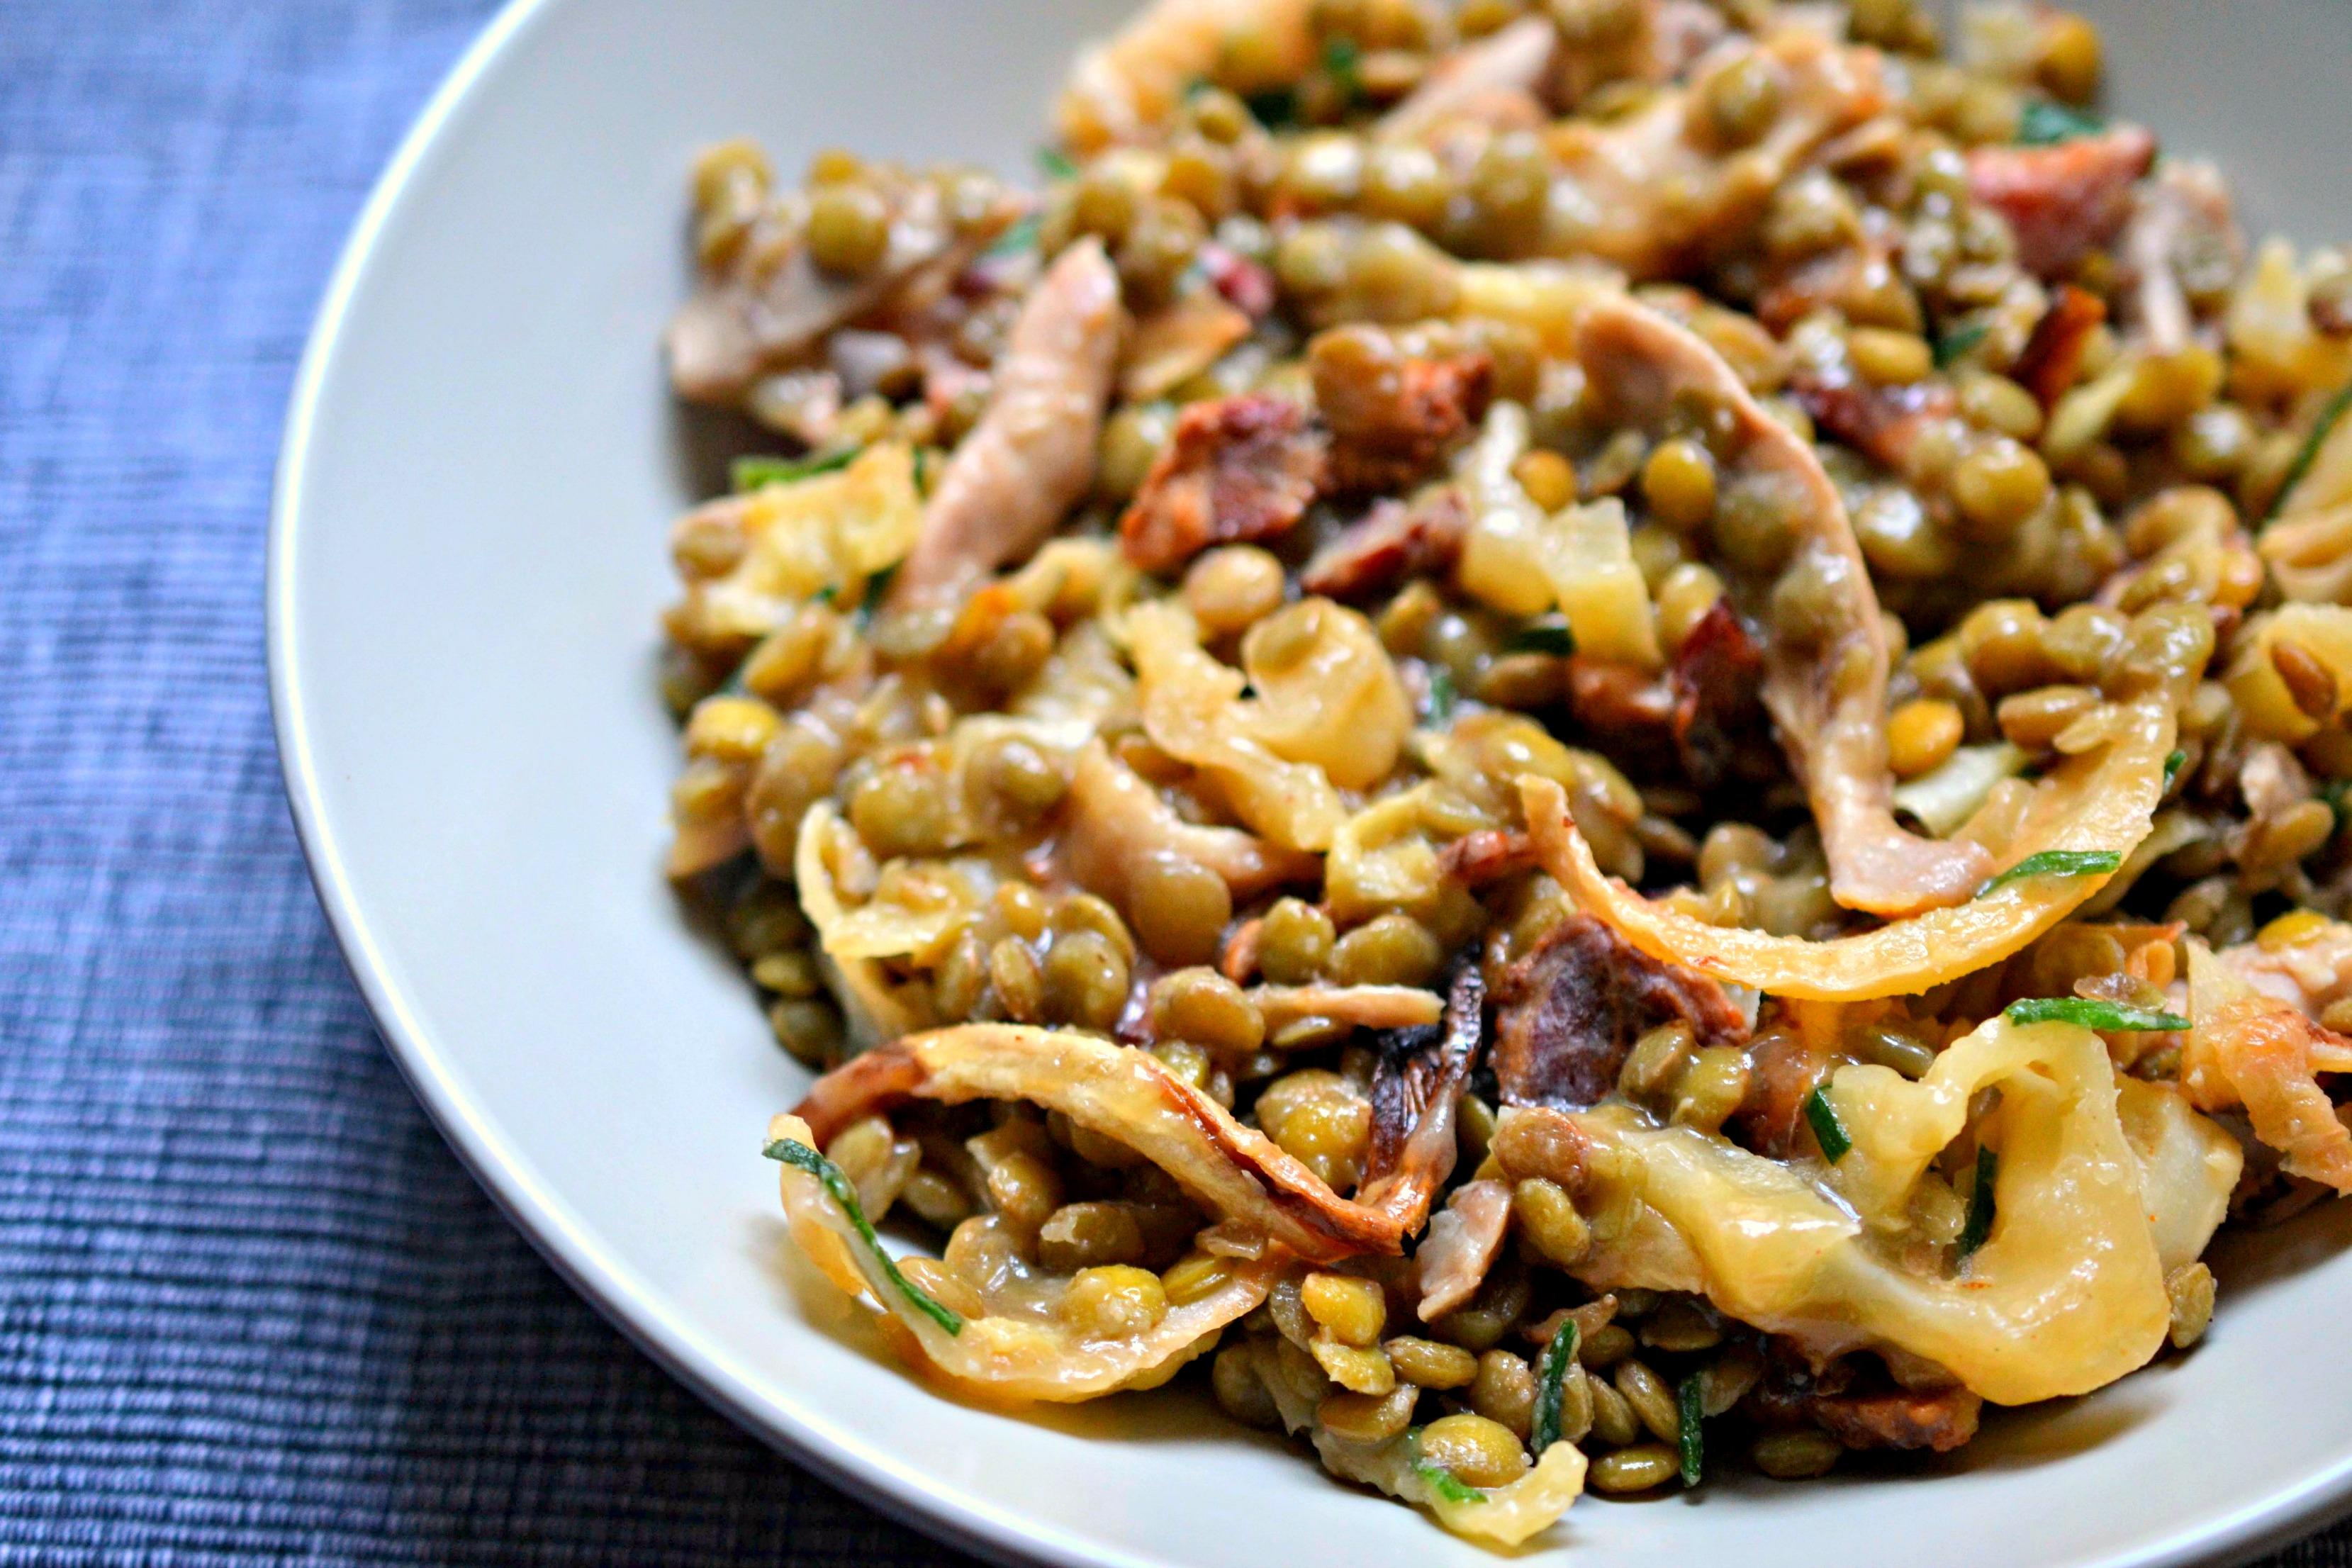 Pork shoulder, lentil and charred cabbage salad